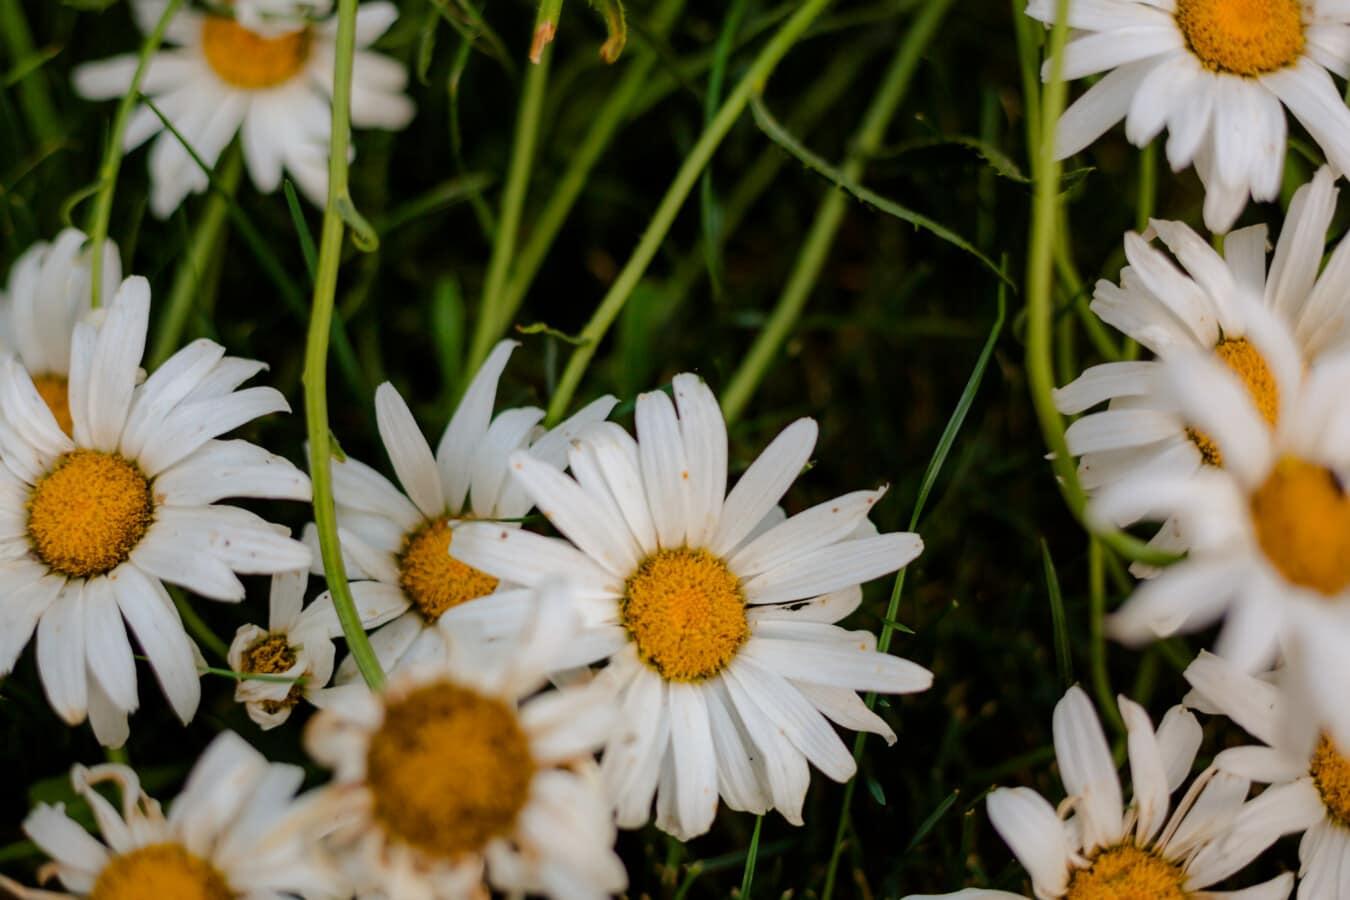 camomilla, da vicino, fauna selvatica, fiore selvaggio, erba, aromatico, fiorire, Giardino, estate, natura